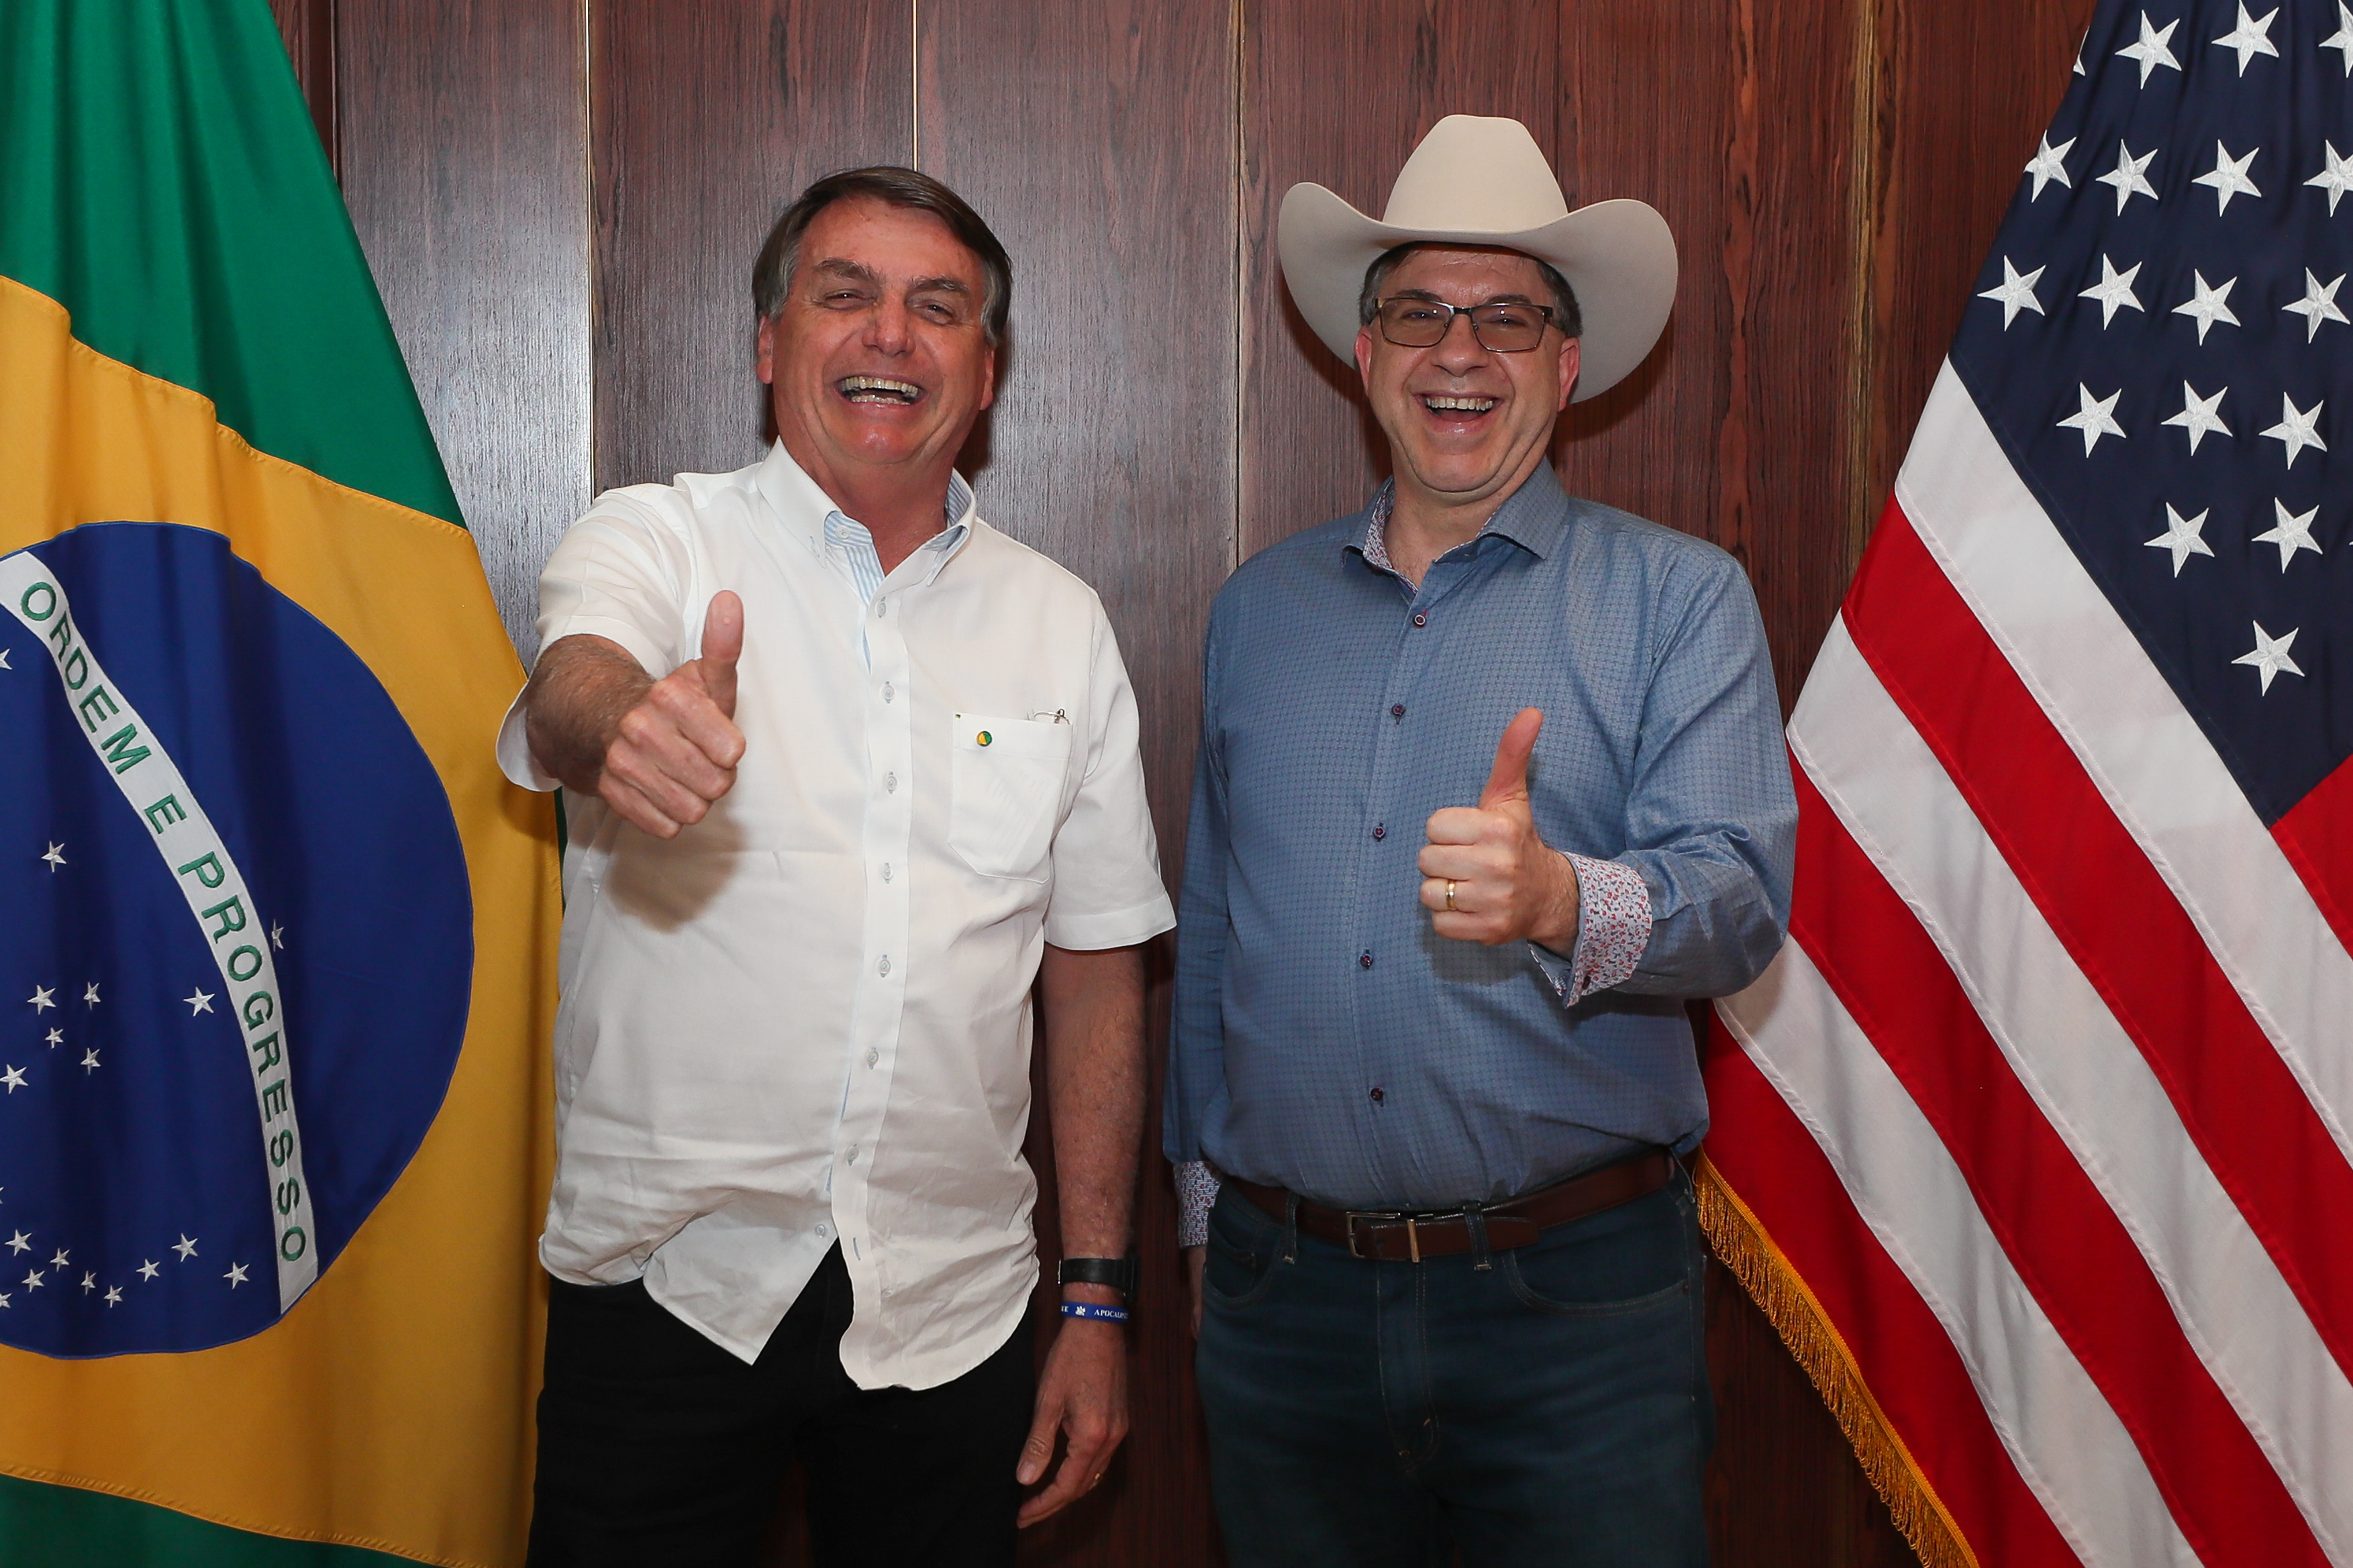 IMAGEM: Jair Bolsonaro e o senhor embaixador